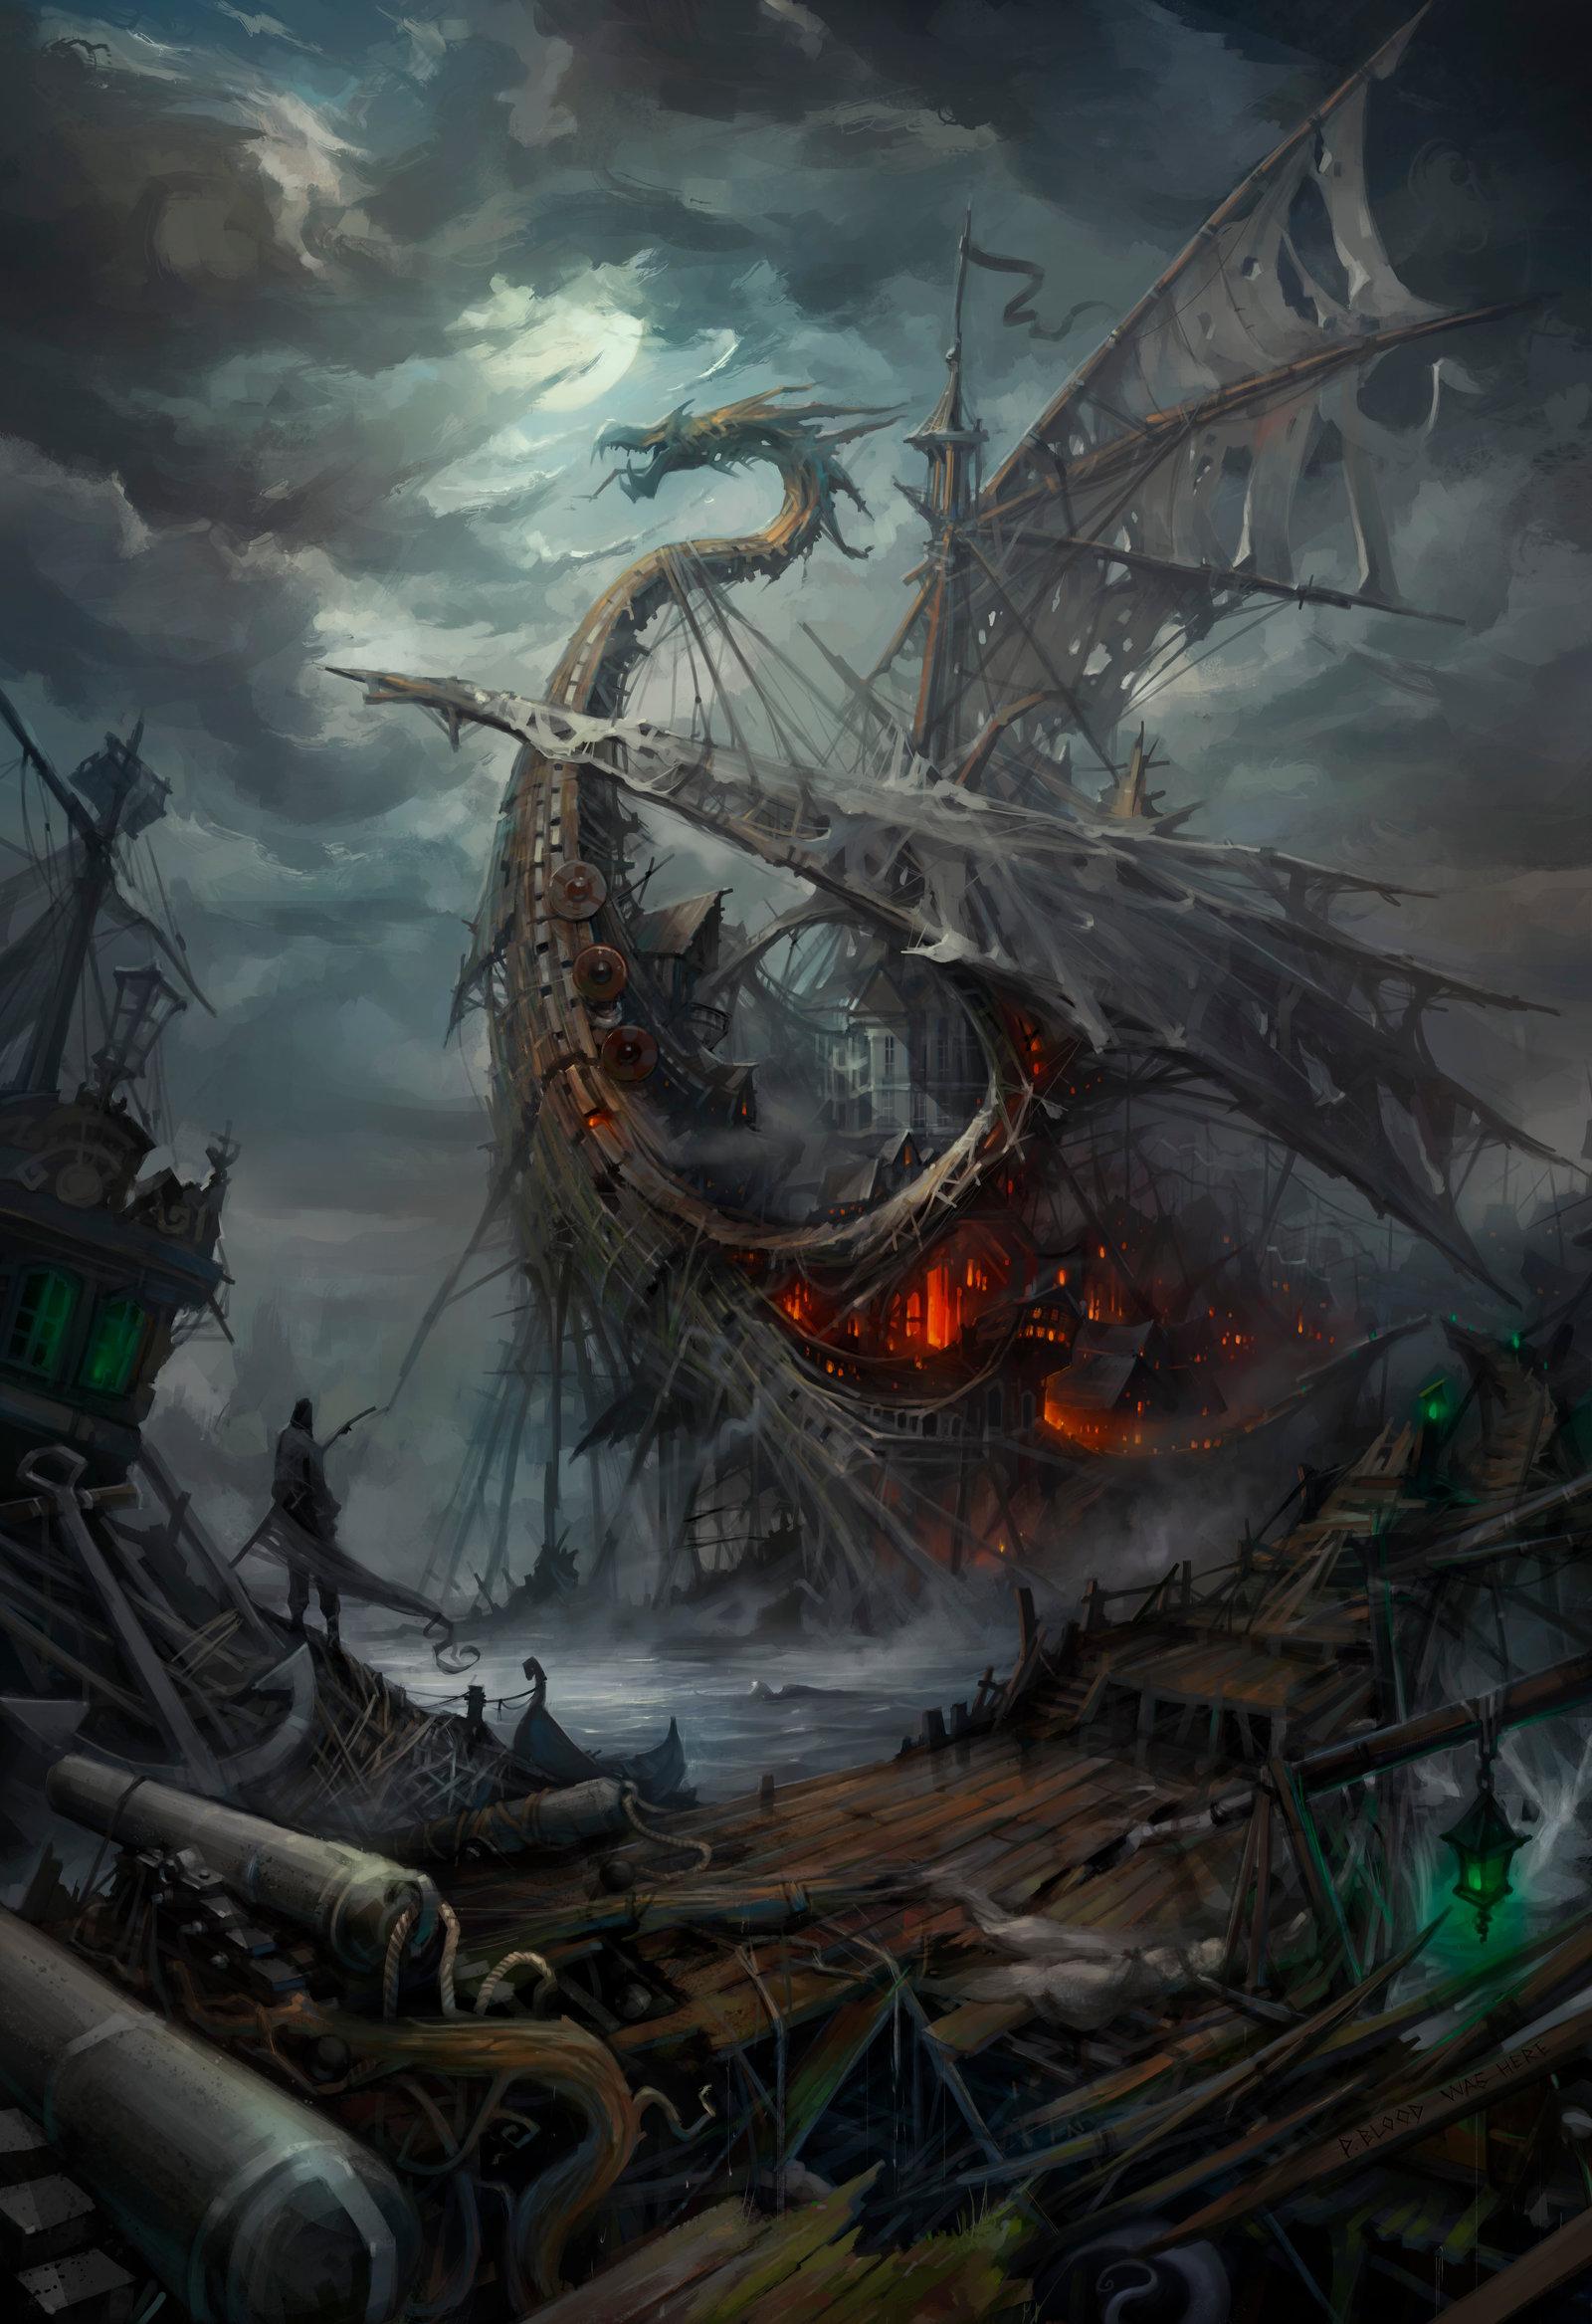 the_infernal_shipwreck.jpg